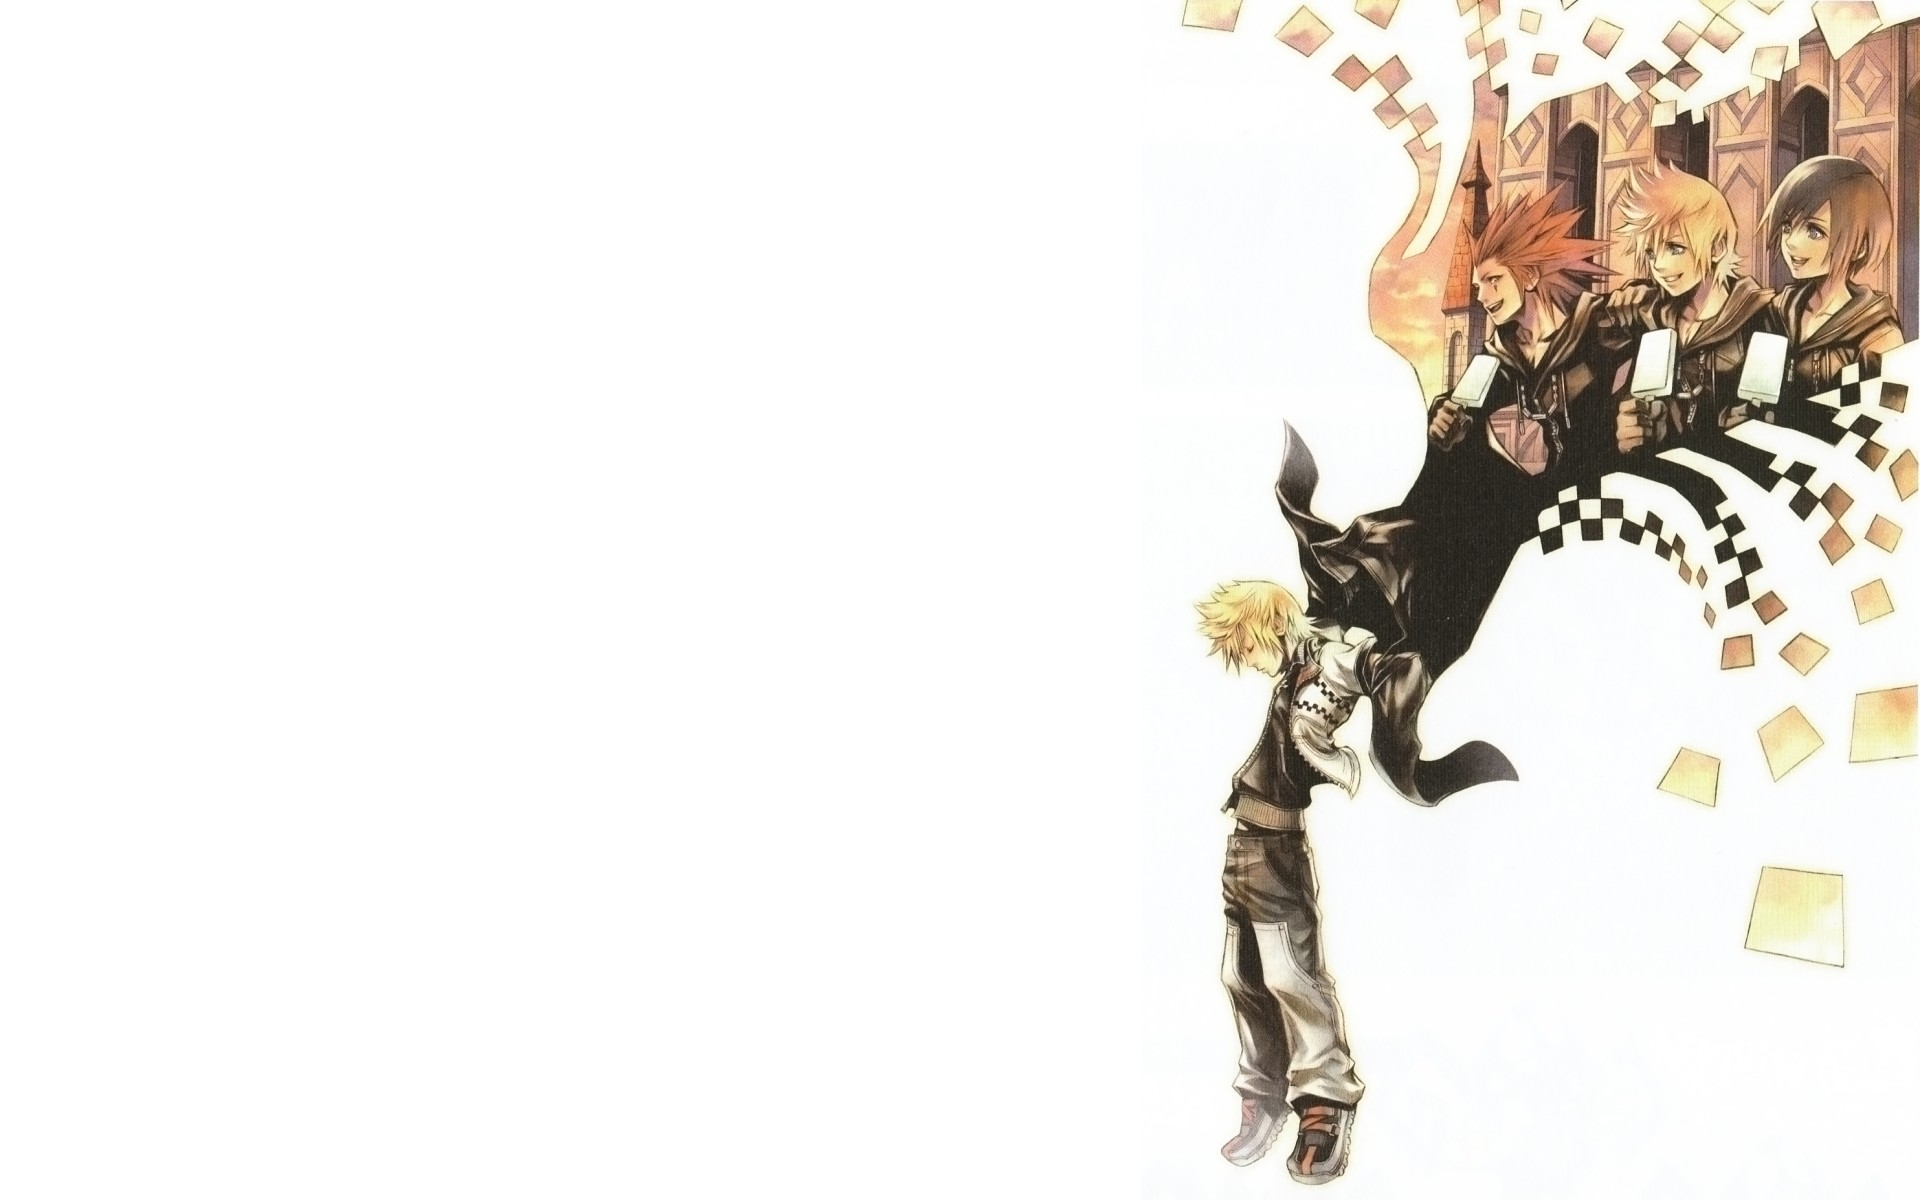 1920x1200 Kingdom Hearts Wallpaper HD 9013